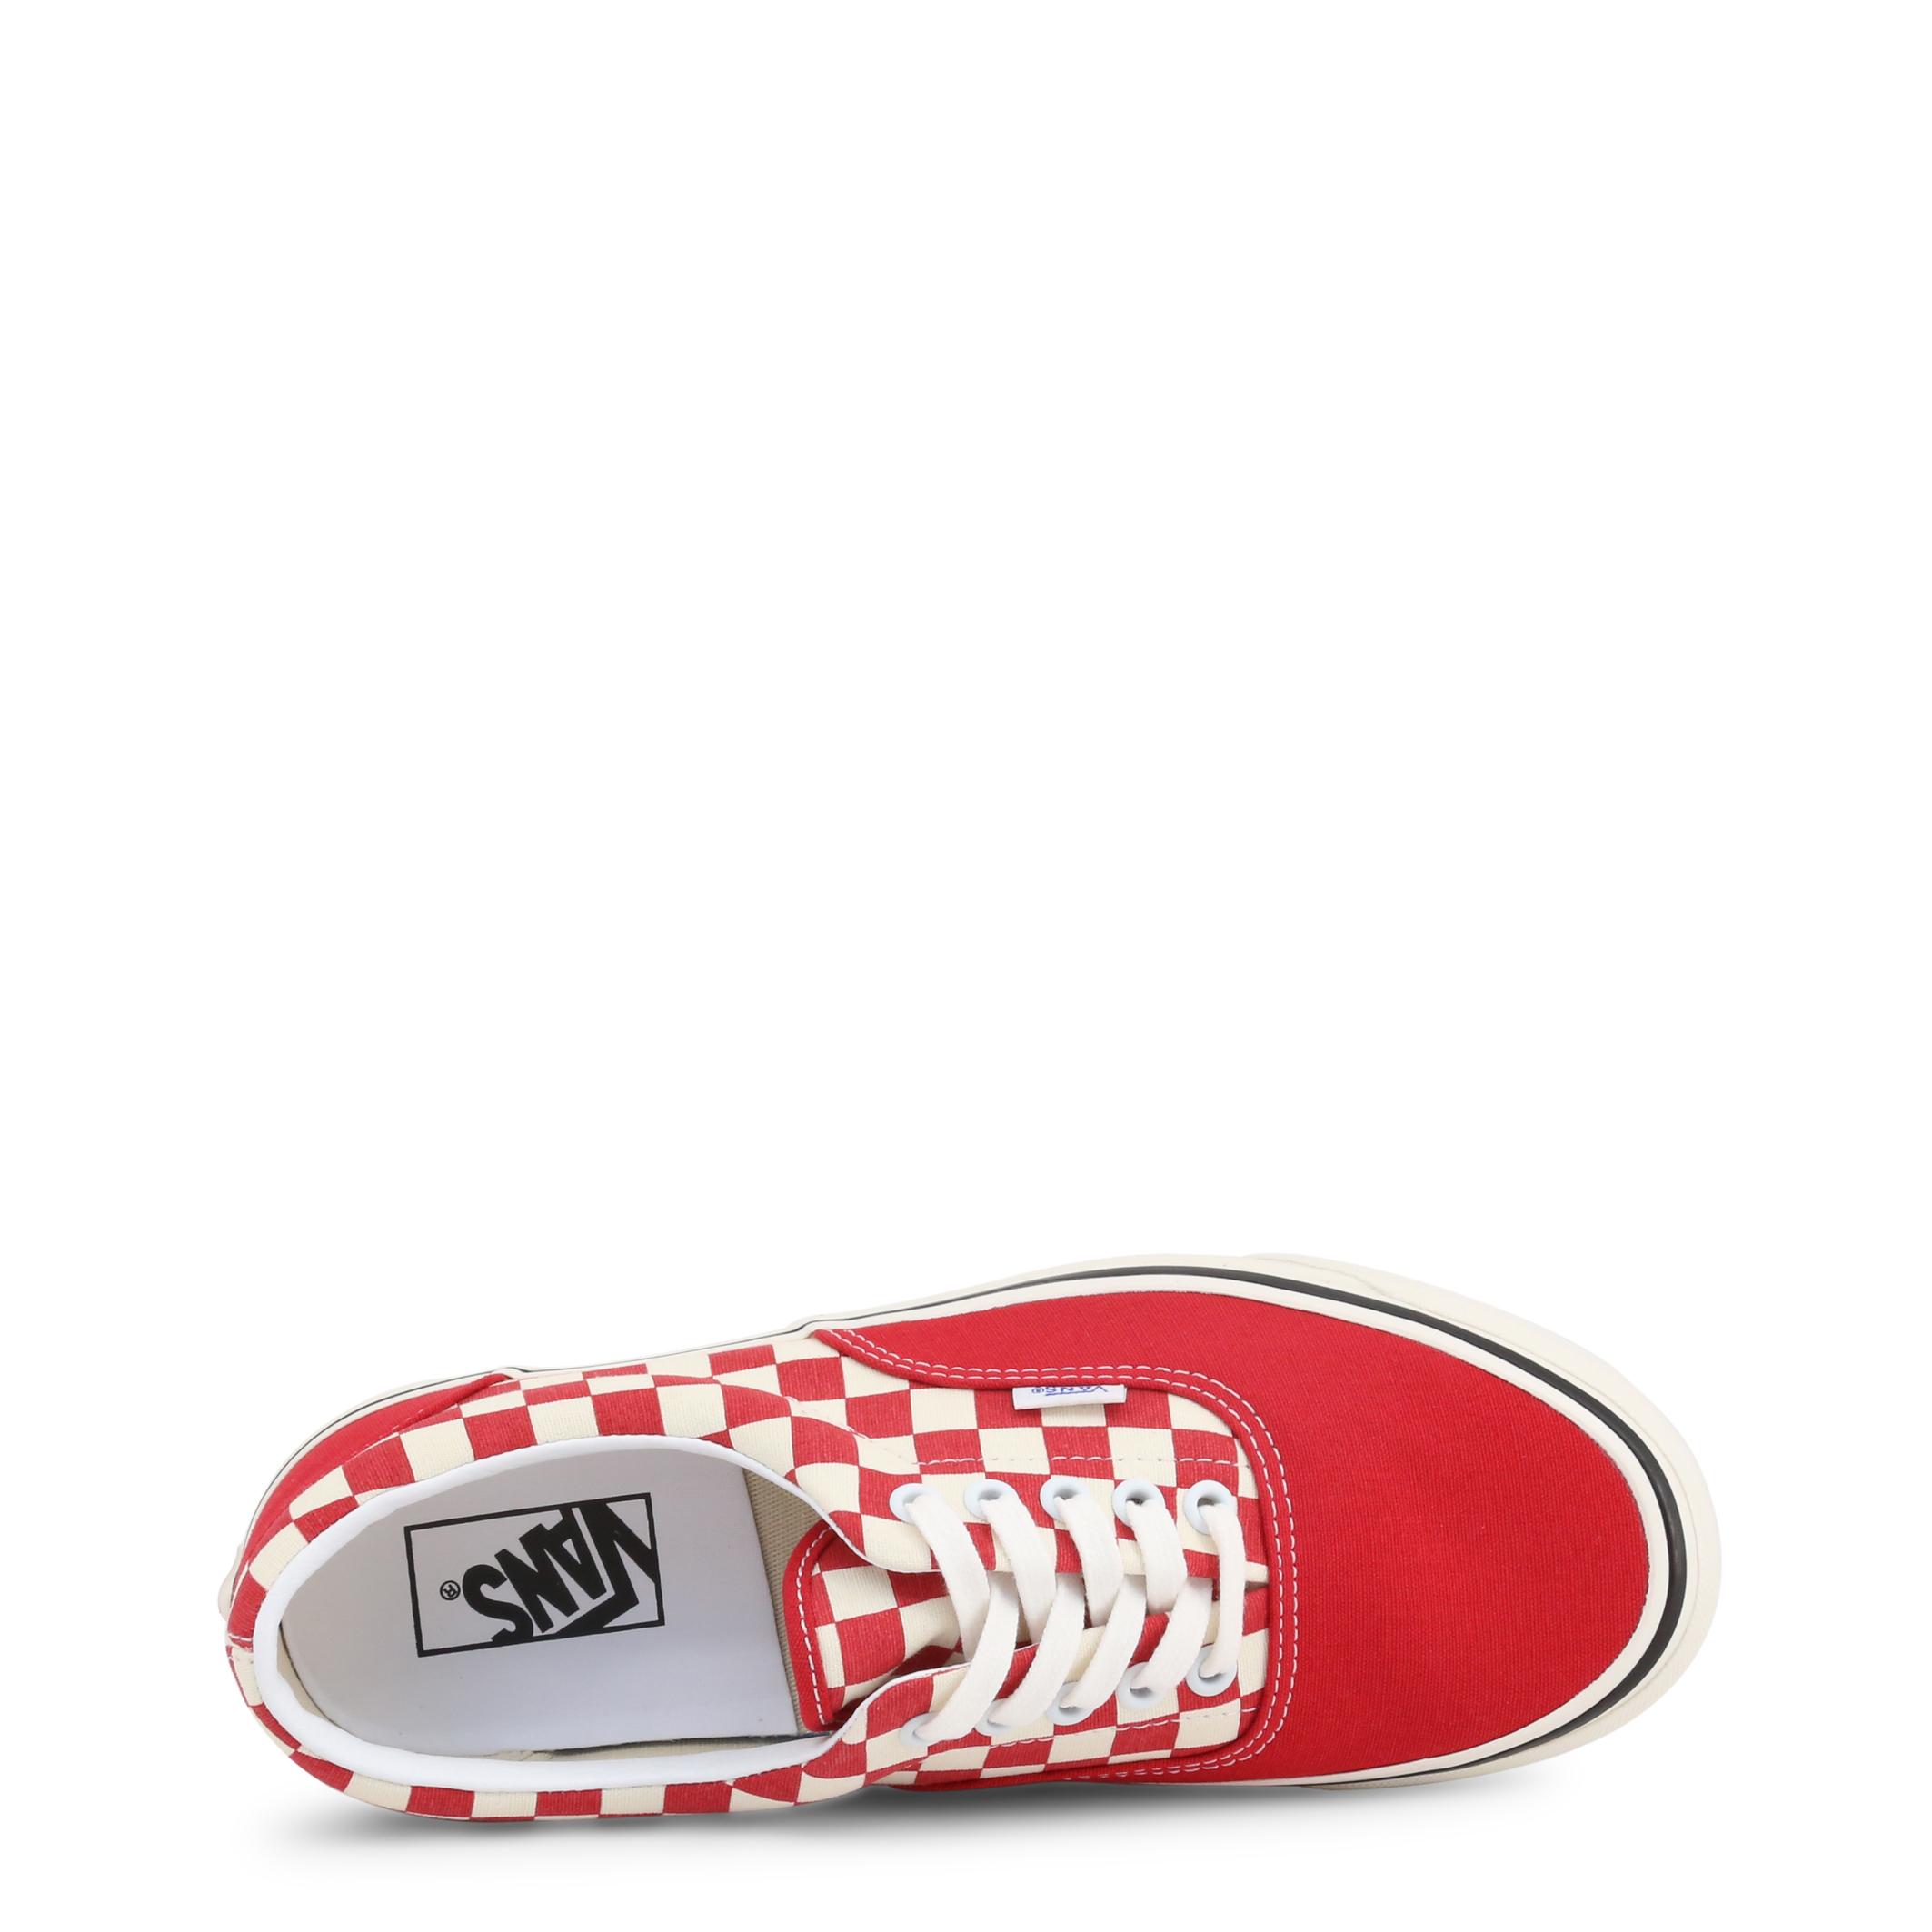 Baskets / Sport  Vans ERA-95_VN0A2RR1X7X1 red